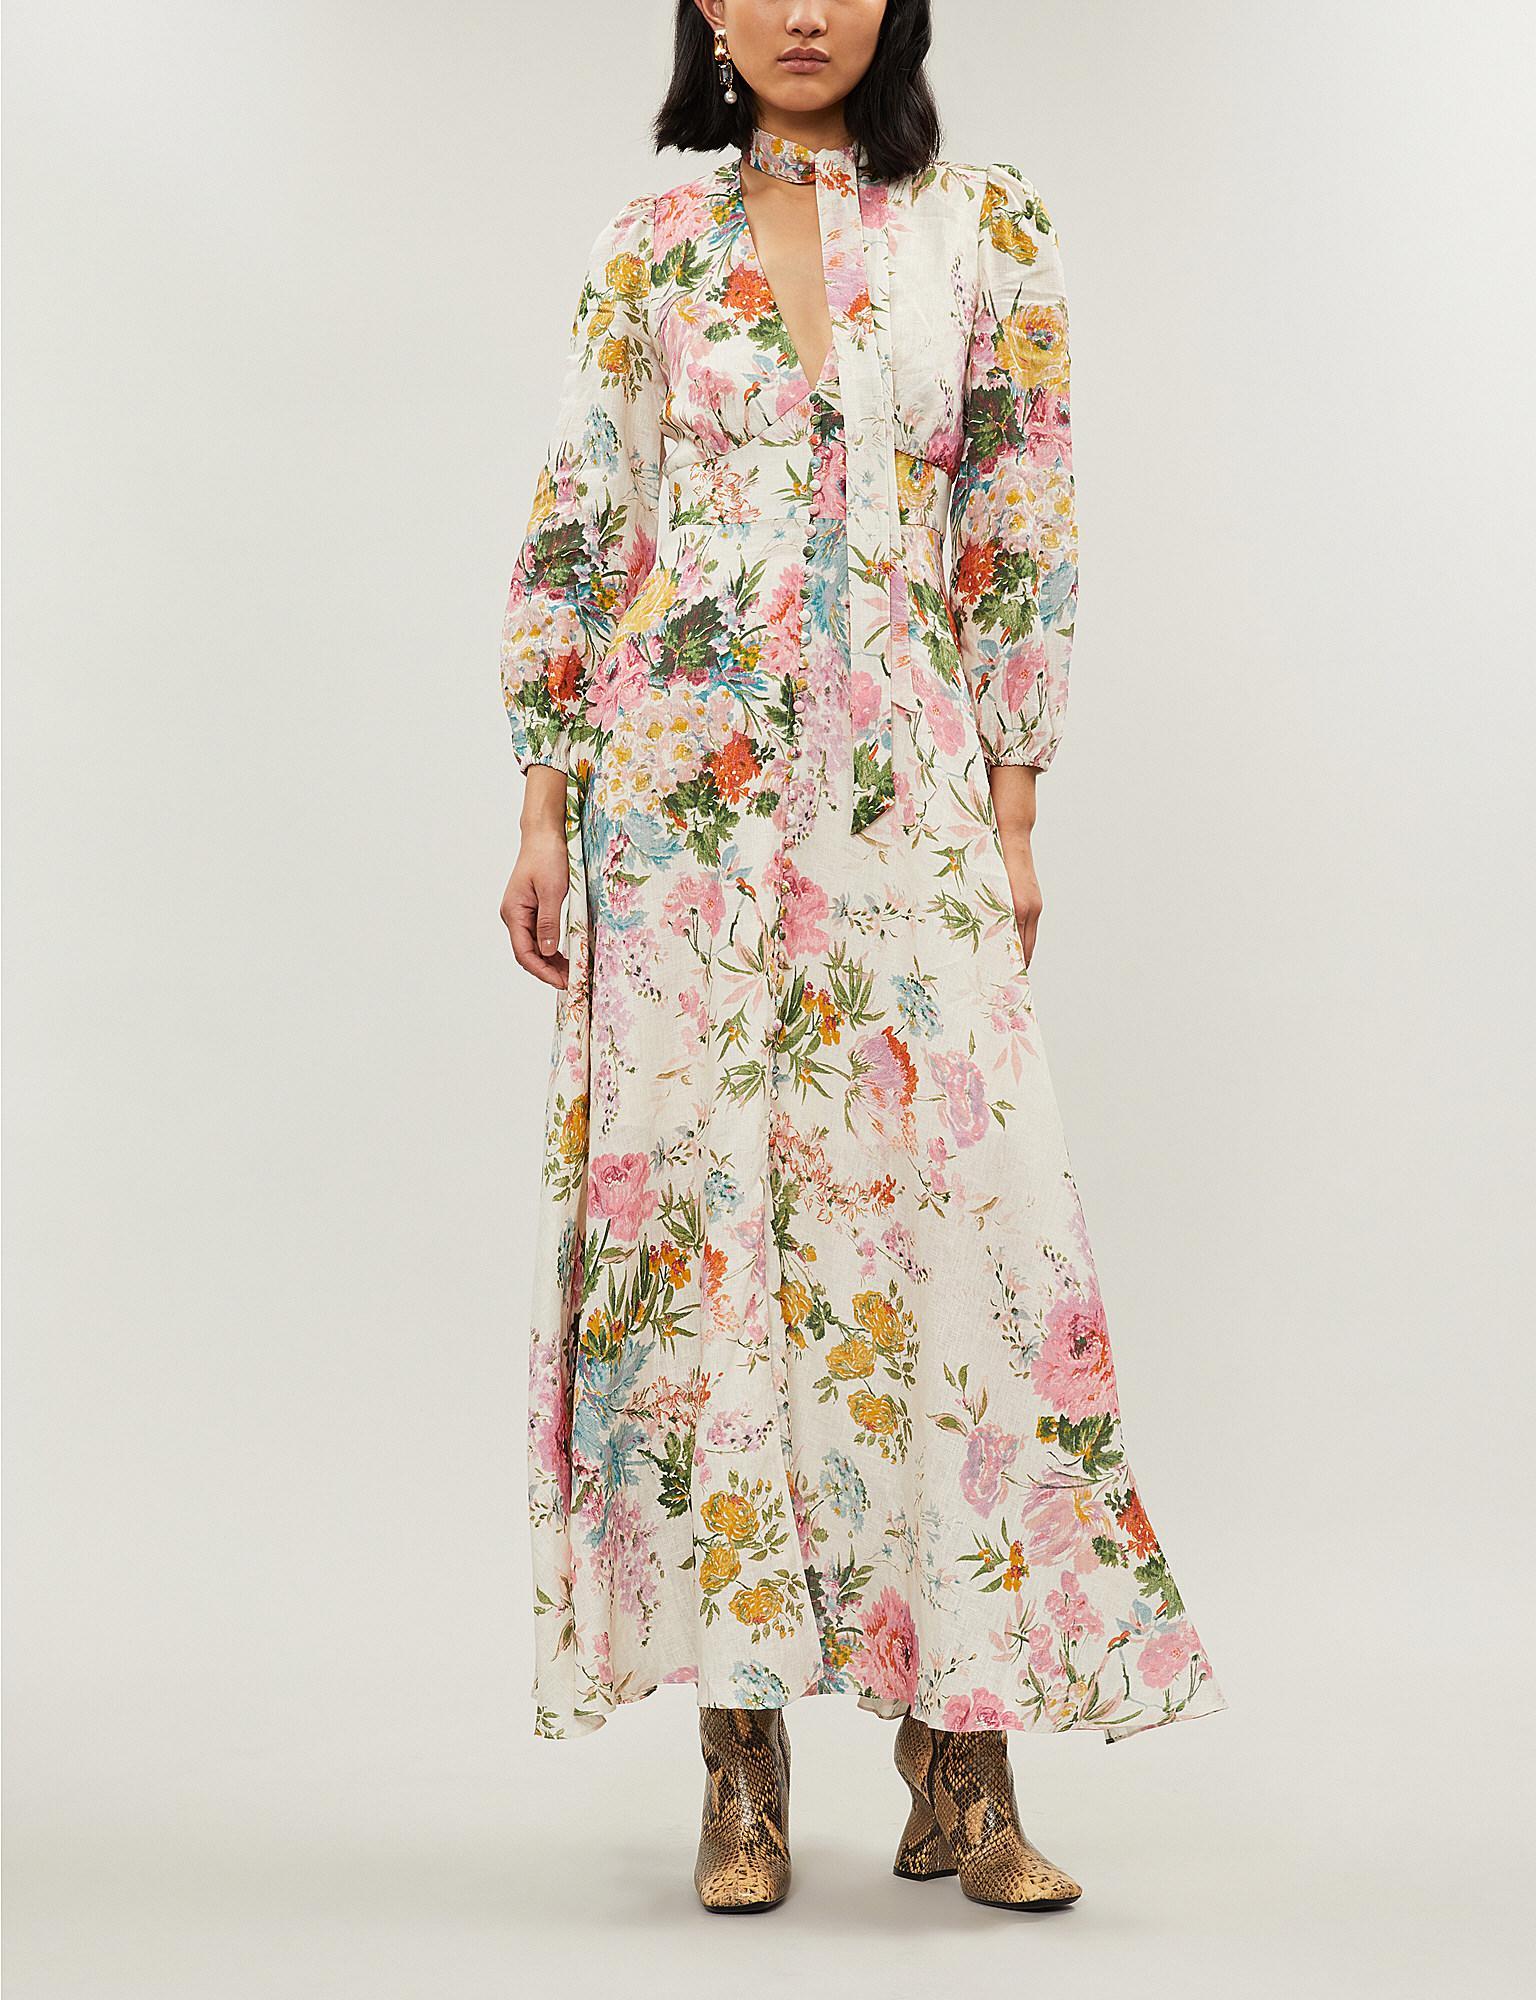 35395504d1c0c Zimmermann. Women's Heathers Plunge Floral-print Linen Dress